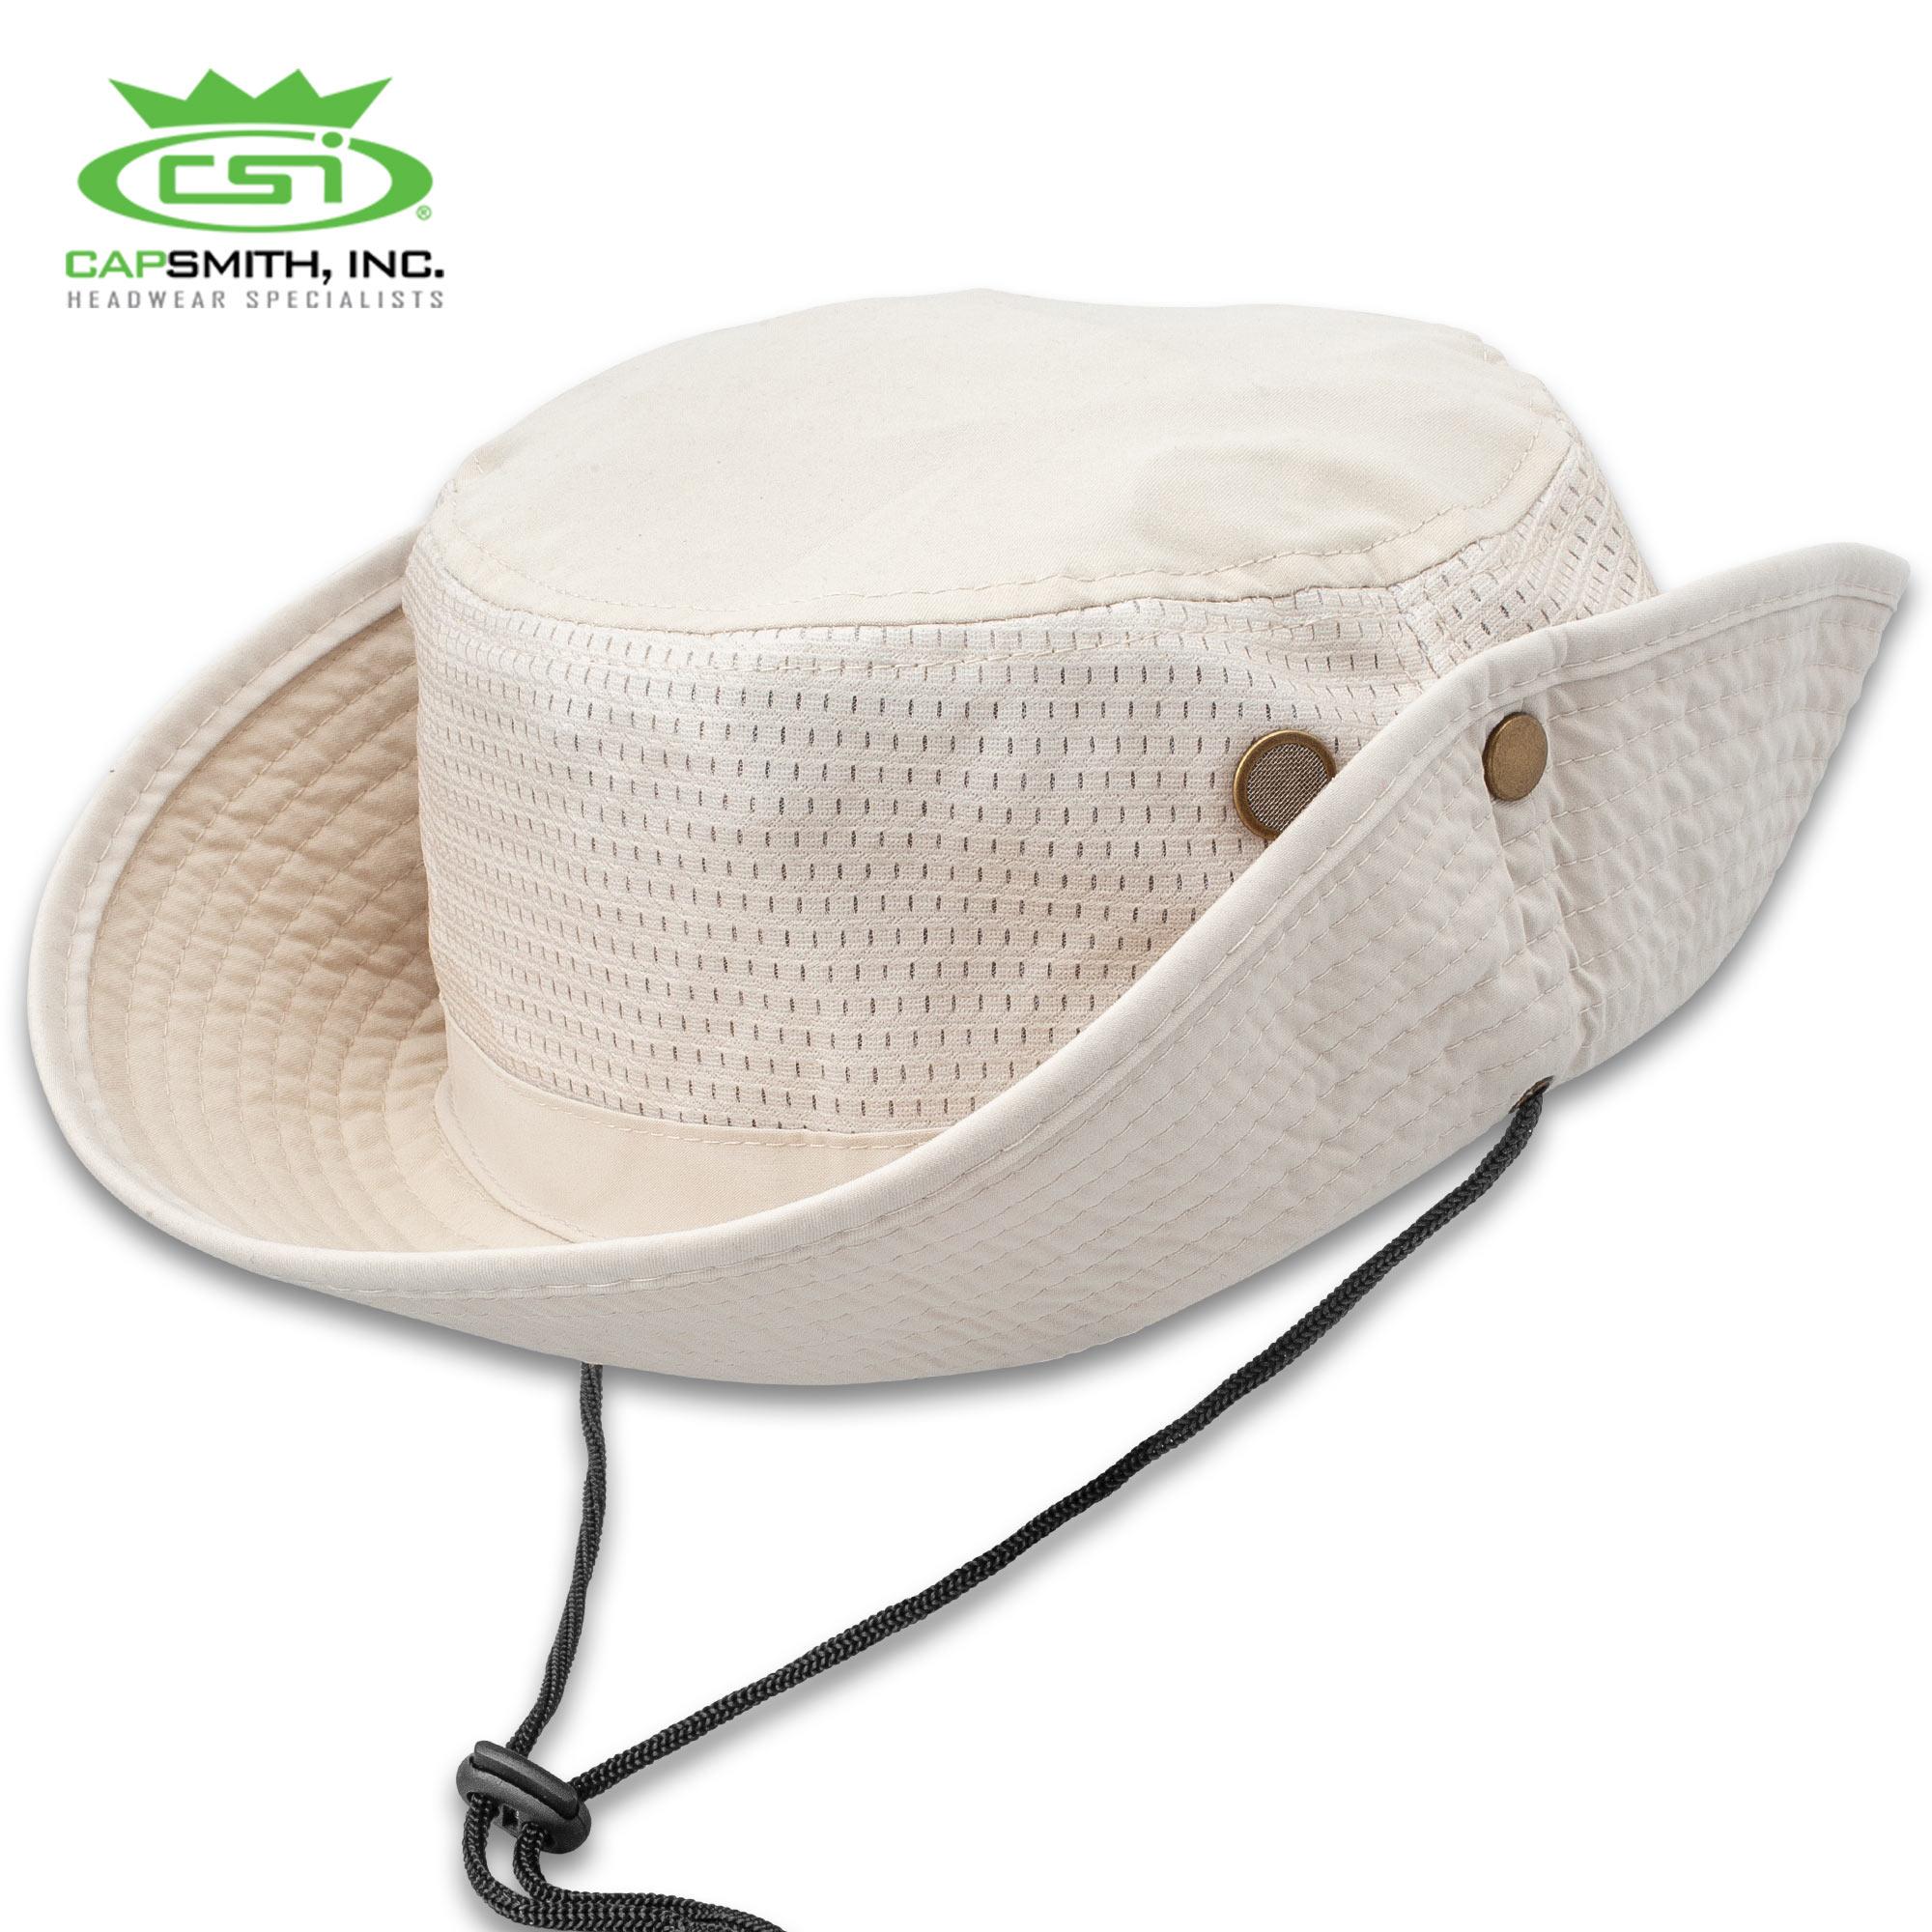 ba0da25e0 Mesh Jungle Hat - Microfiber Construction, Stone Color, Sweatband ...